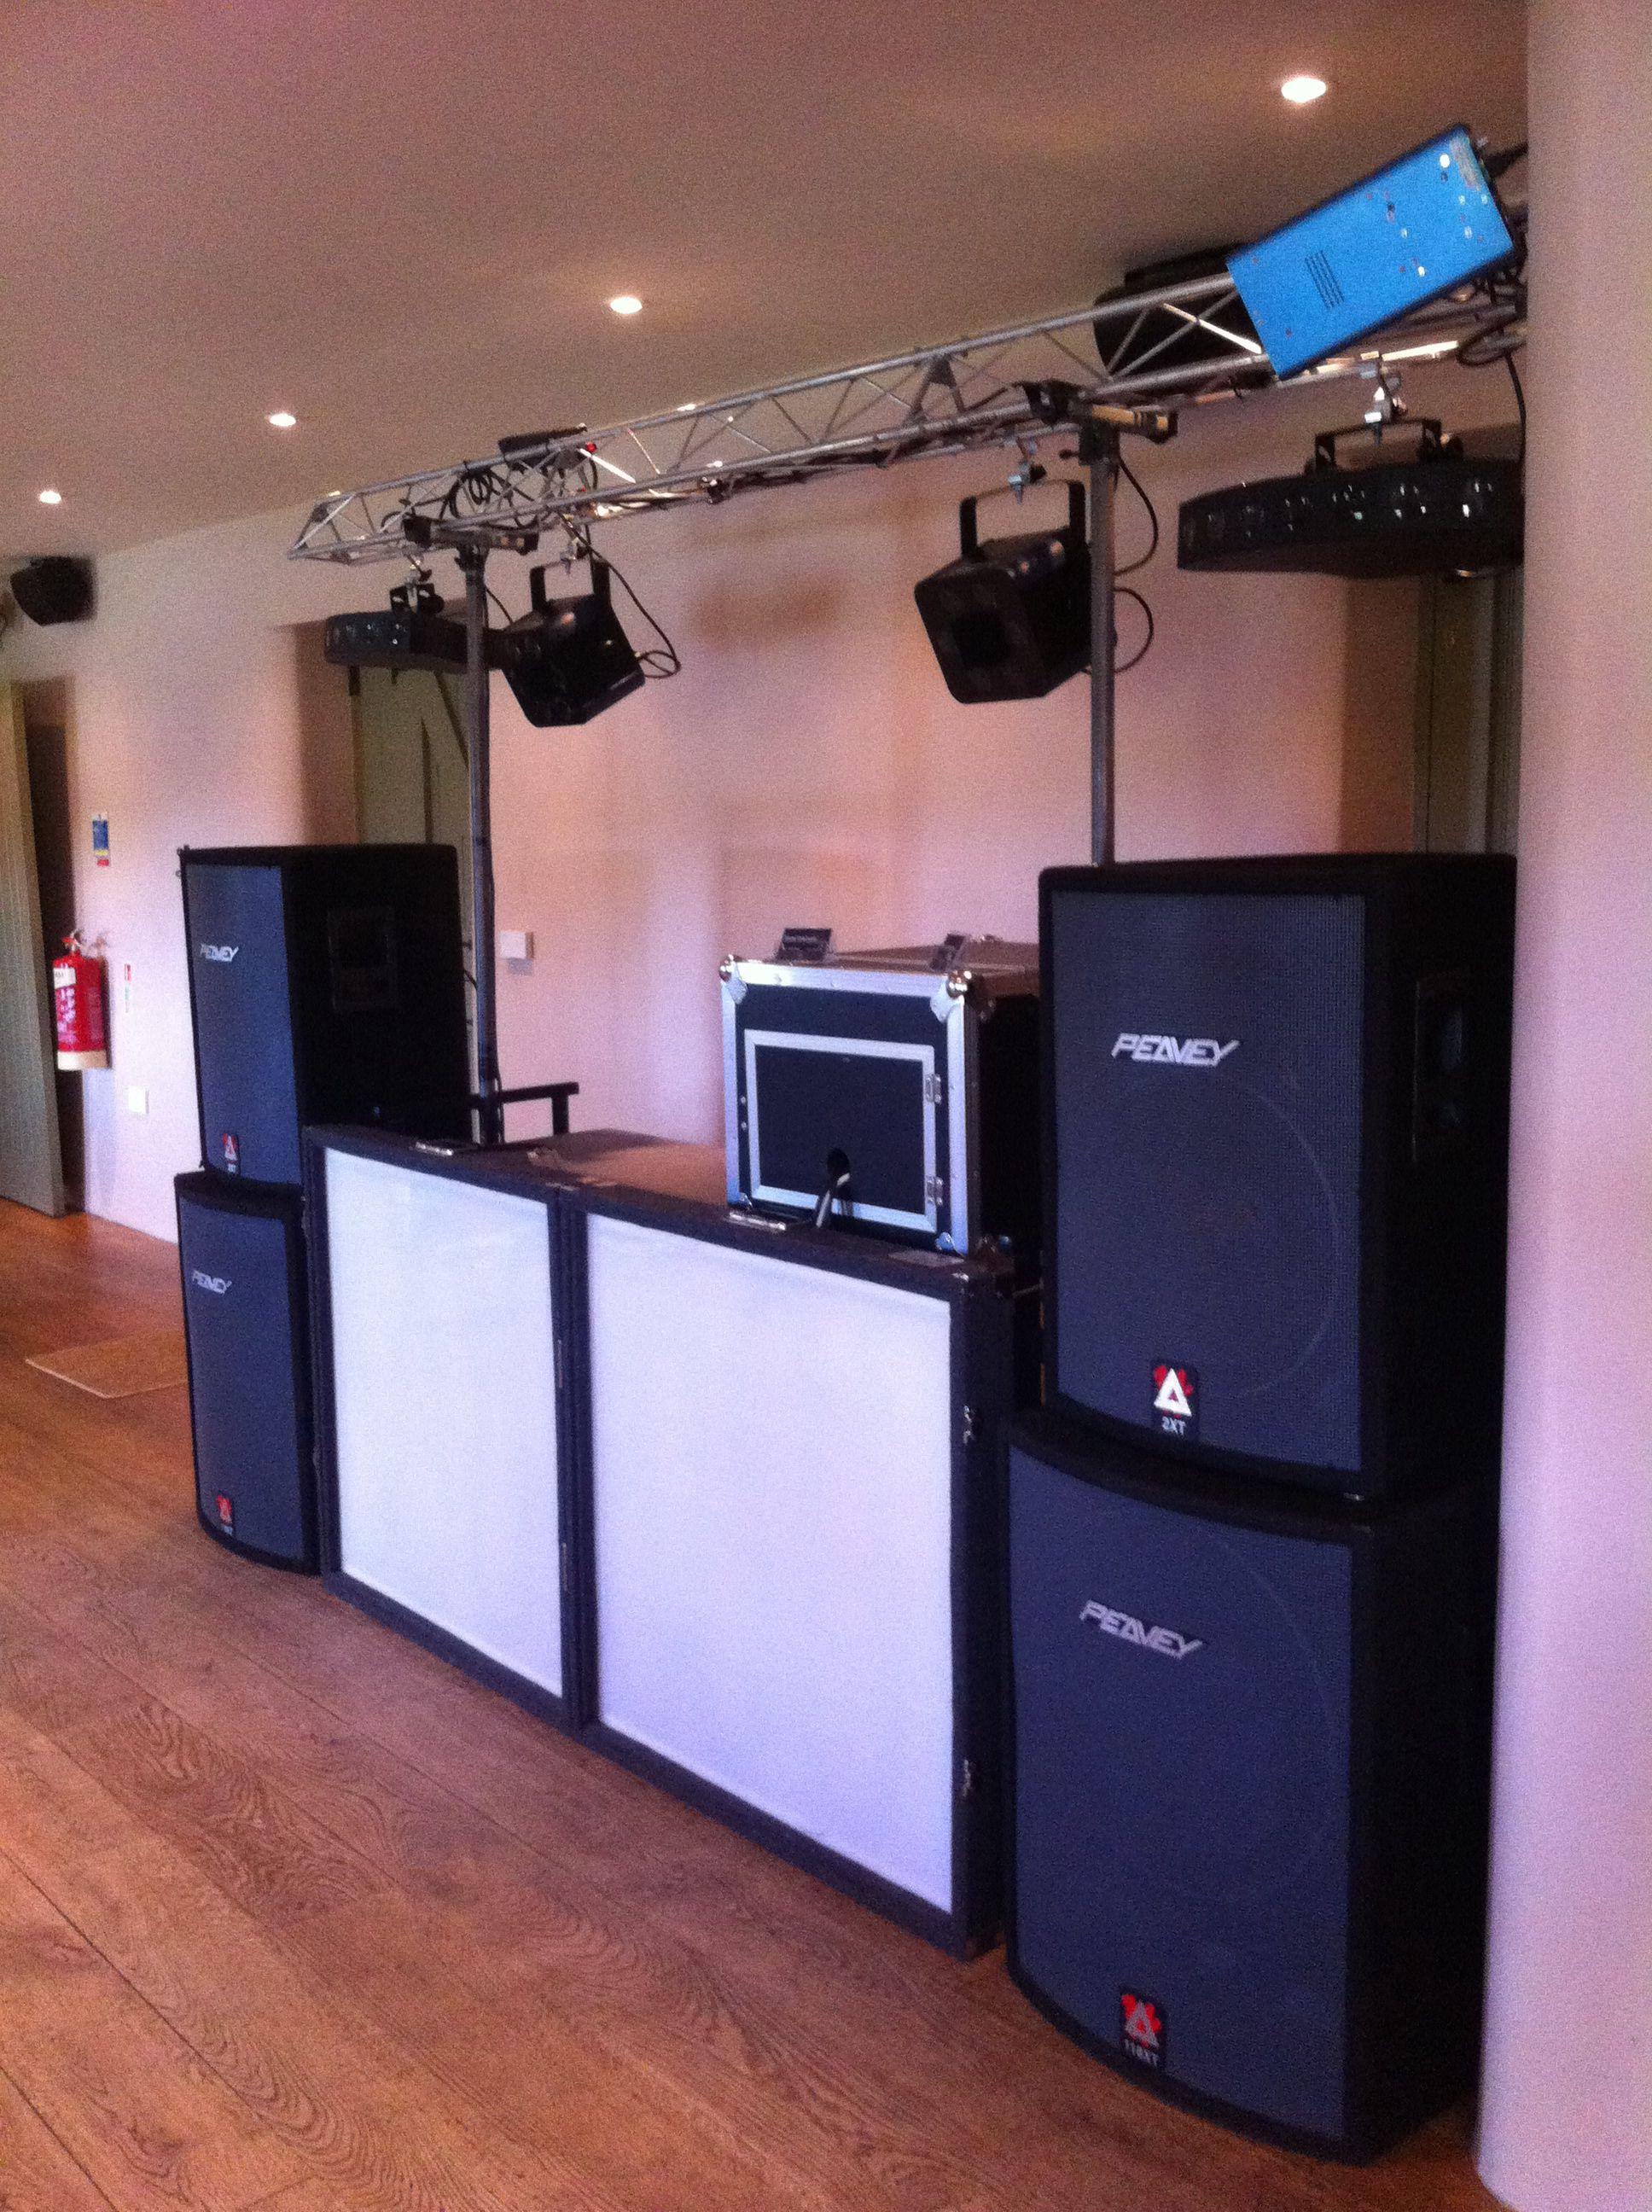 Staffordshire Wedding dj setup, Dj setup